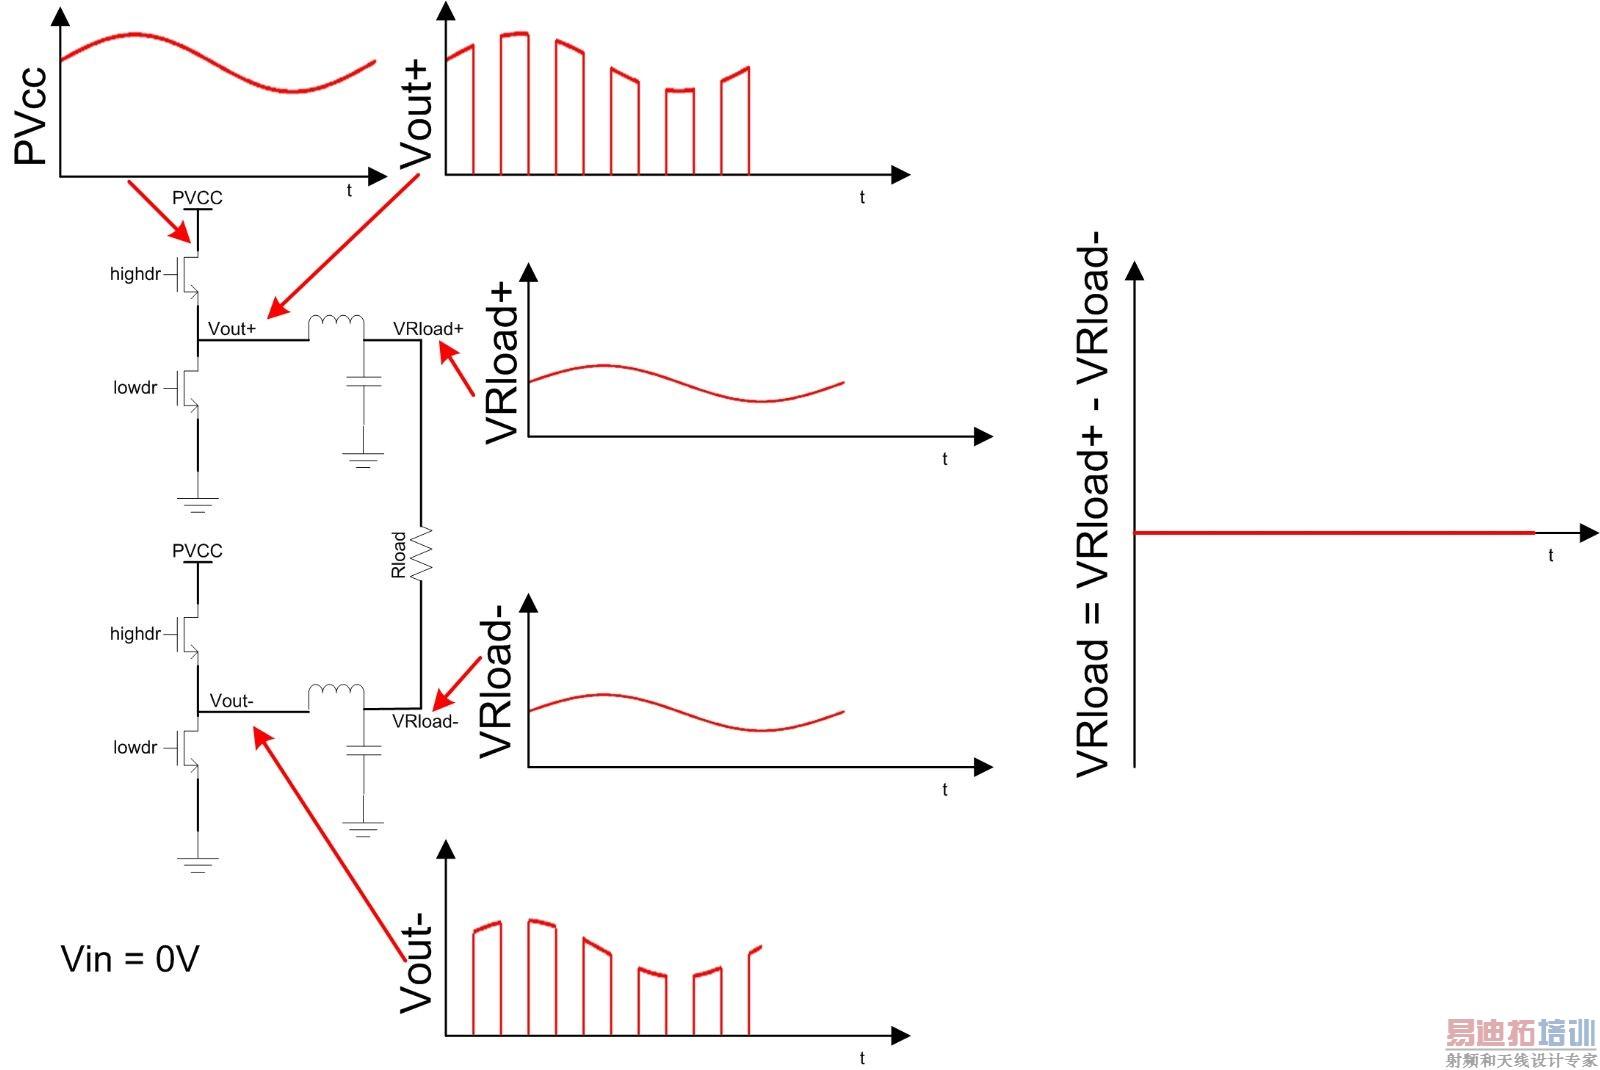 图2. 具备LC 滤波器的BTL D 类PSRR 测量 在继续探讨如何应付PSRR 测量的缺陷之前,首先谈论一下回馈。从前文的论述中,应该不难察觉到D 类放大器本身有电源噪音方面的问题,若不进行反馈,这将成为一个重大缺陷(在高阶音频应用中,开放回路放大器可达到不错的音质,然而这类放大器一般都具备相当稳定、高性能的电源,而且成本也相当高,因此不能相提并论。) 若要补强对供电噪音的敏感度,设计人员可以设计一个电源已经过良好调节的系统,不过成本会增加,又或者是使用具有反馈的D 类放大器(也称为封闭回路放大器)